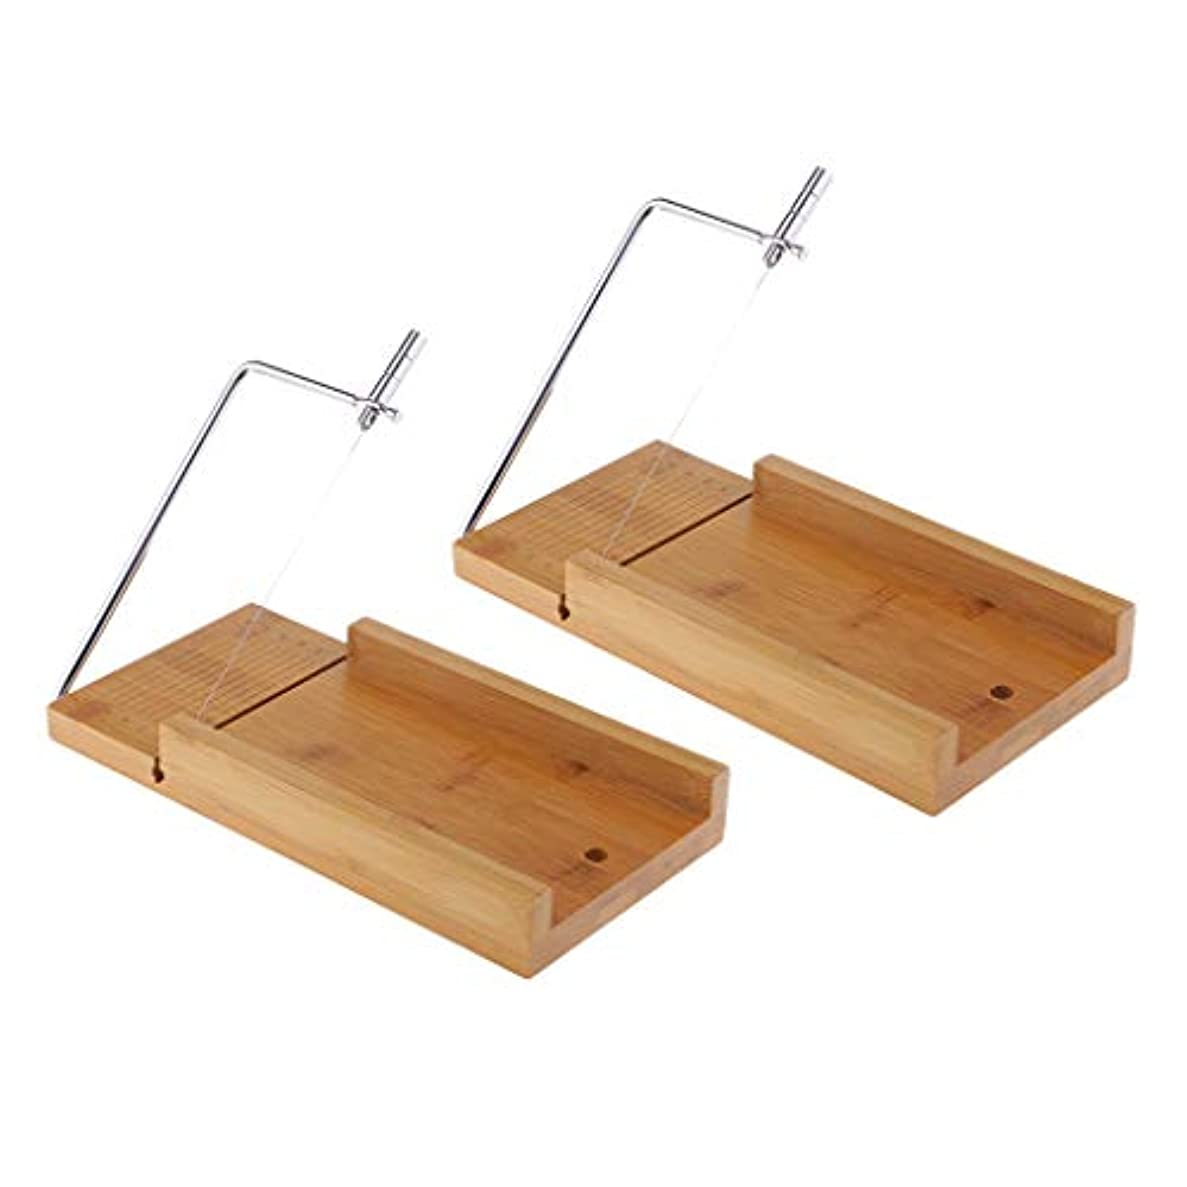 トレイル学校変形するPerfeclan 木質 せっけんカッター 台 石鹸のカッター ワイヤー ソープスライサー チーズナイフ 石鹸作り 2個入り